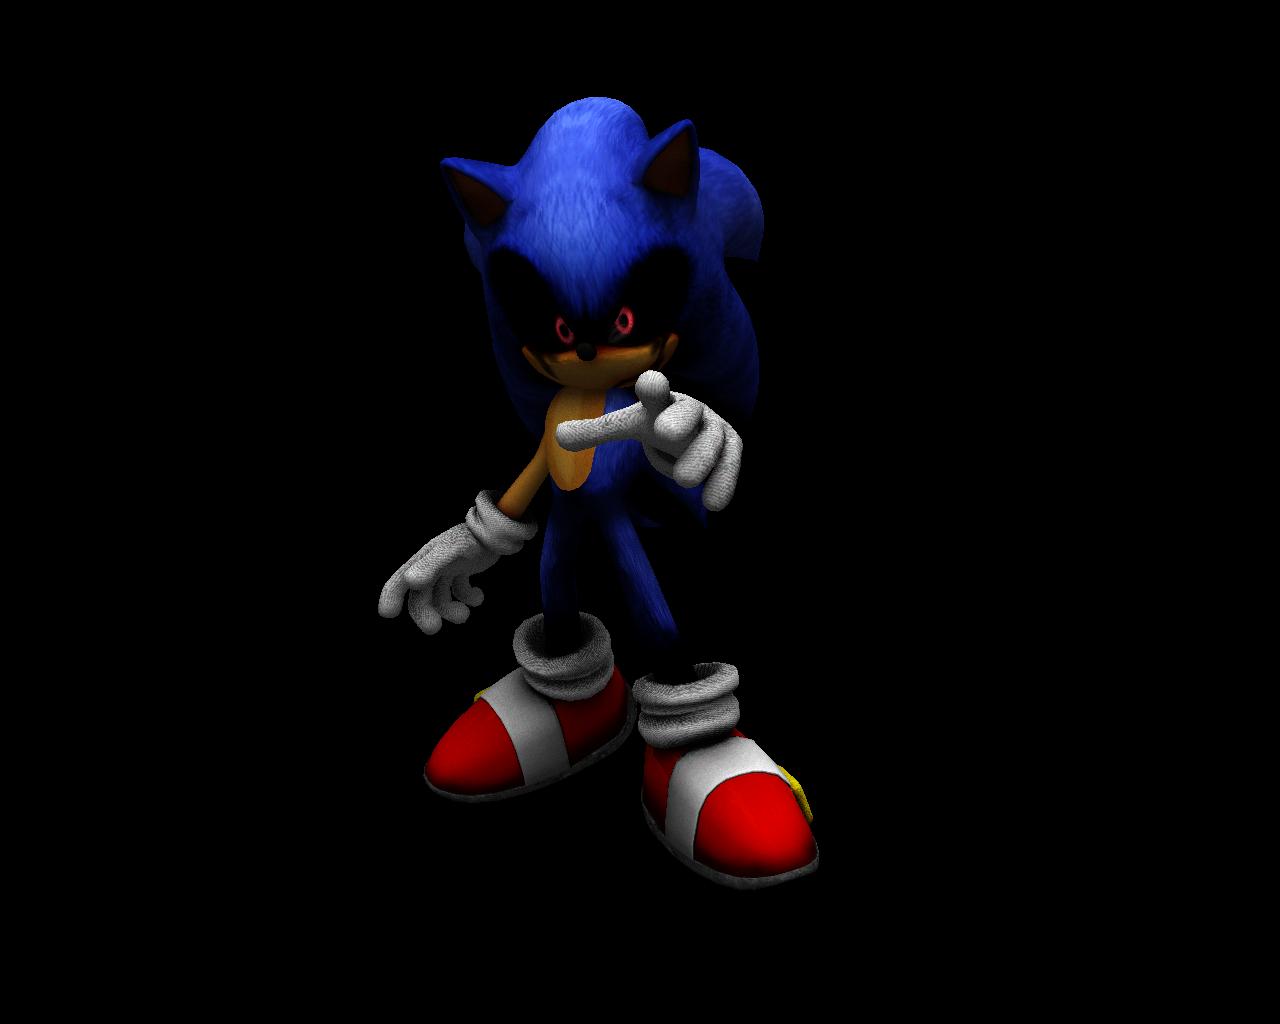 Creepypasta Zalgofied Sonic By Nothing111111 On Deviantart Sonic Creepypasta Cartoon Wallpaper